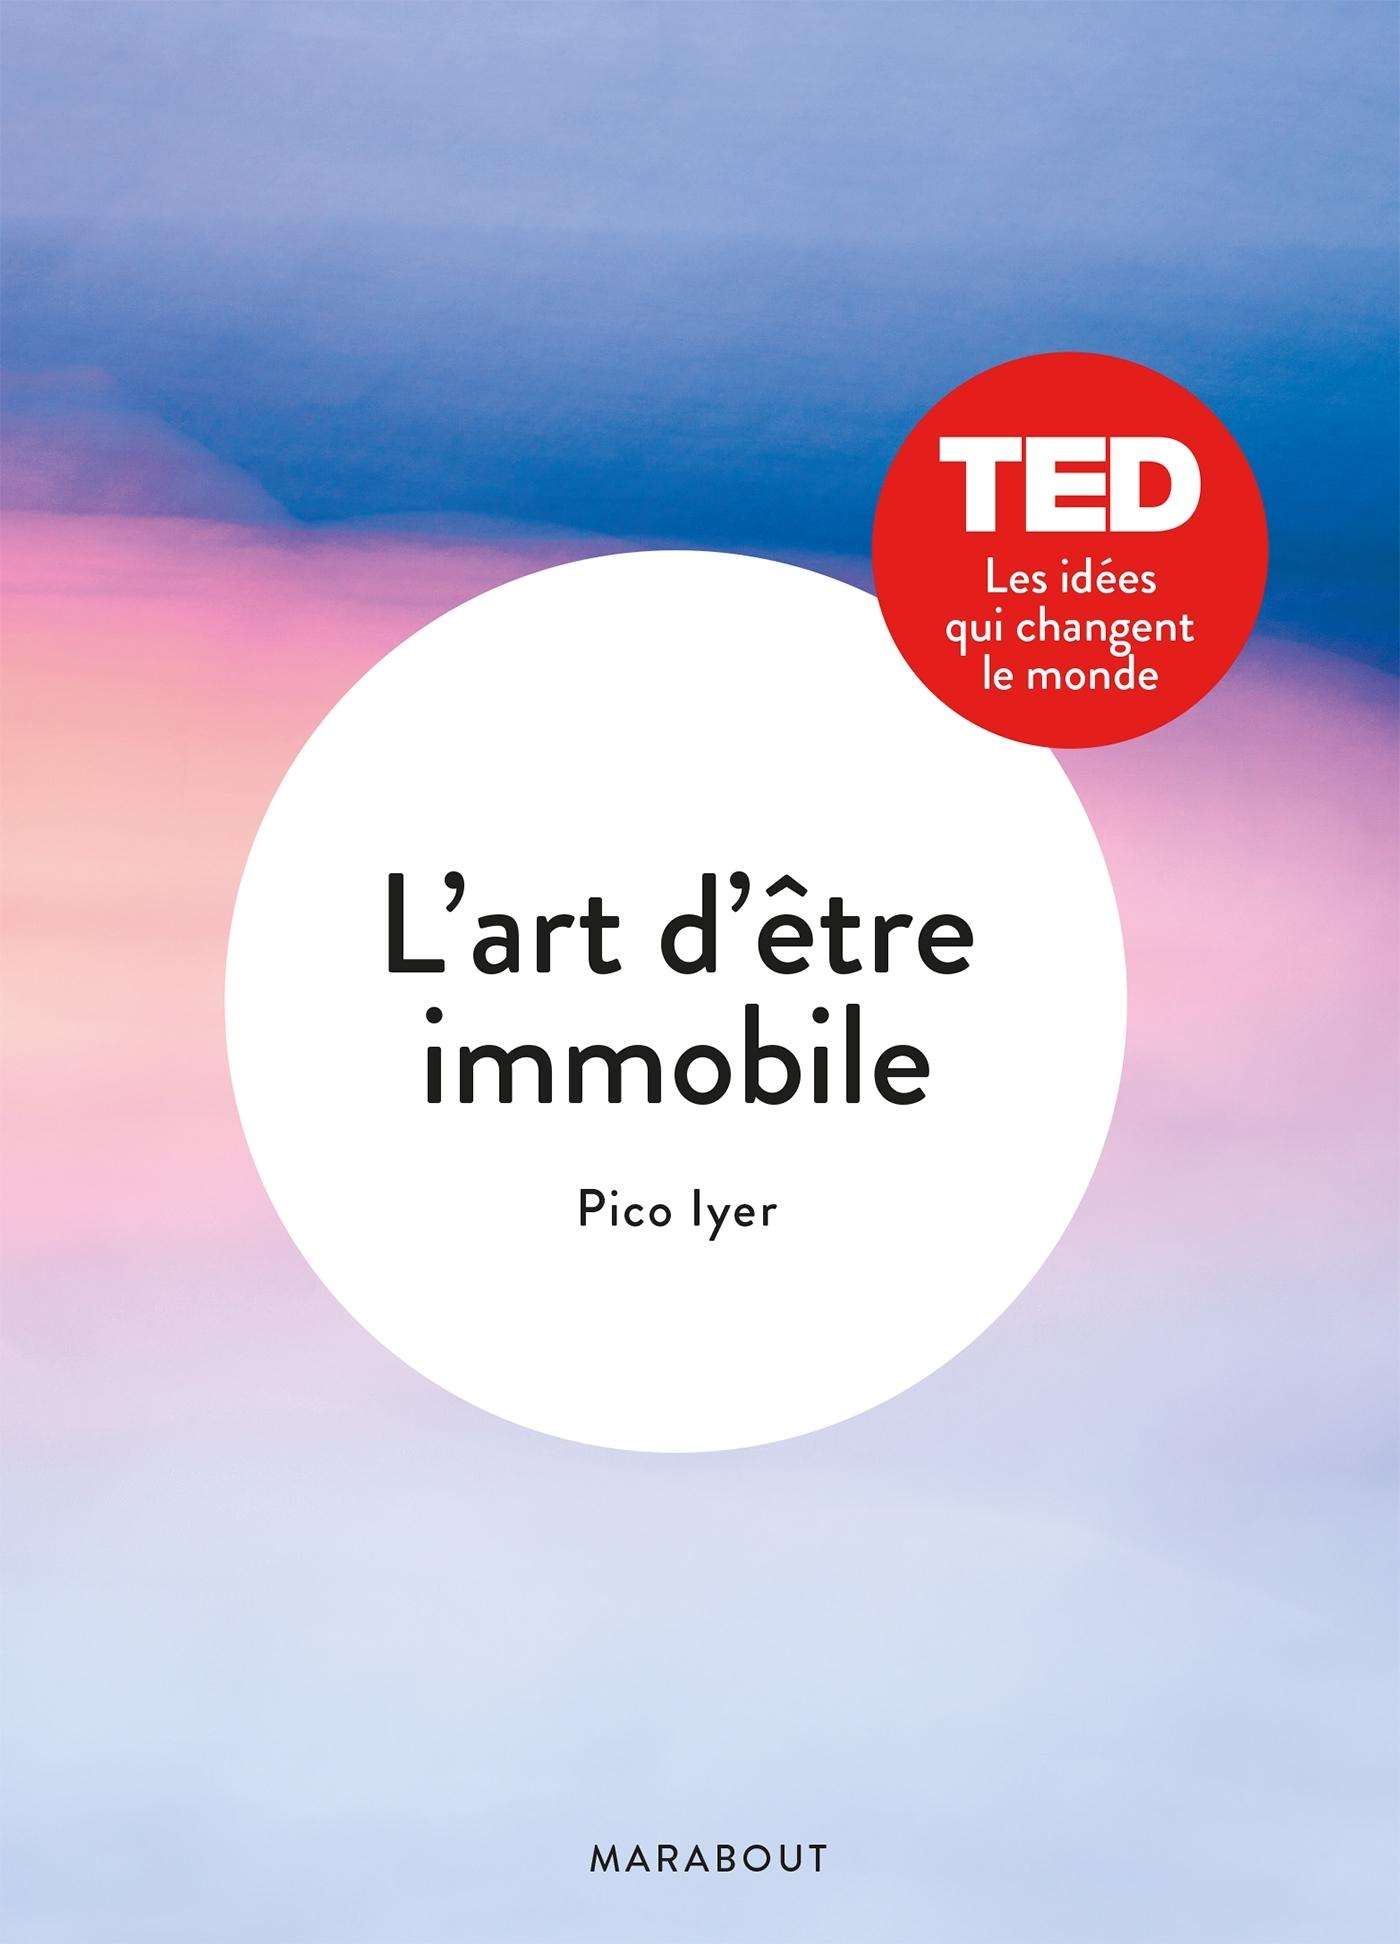 L'ART D'ETRE IMMOBILE